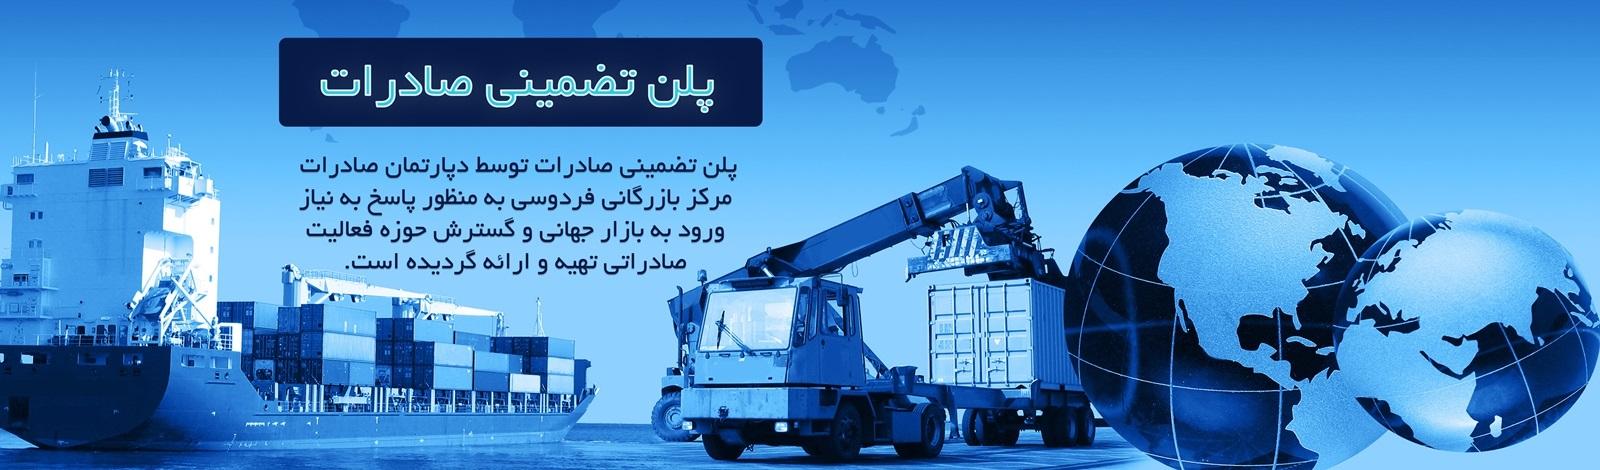 پلن تضمینی صادرات